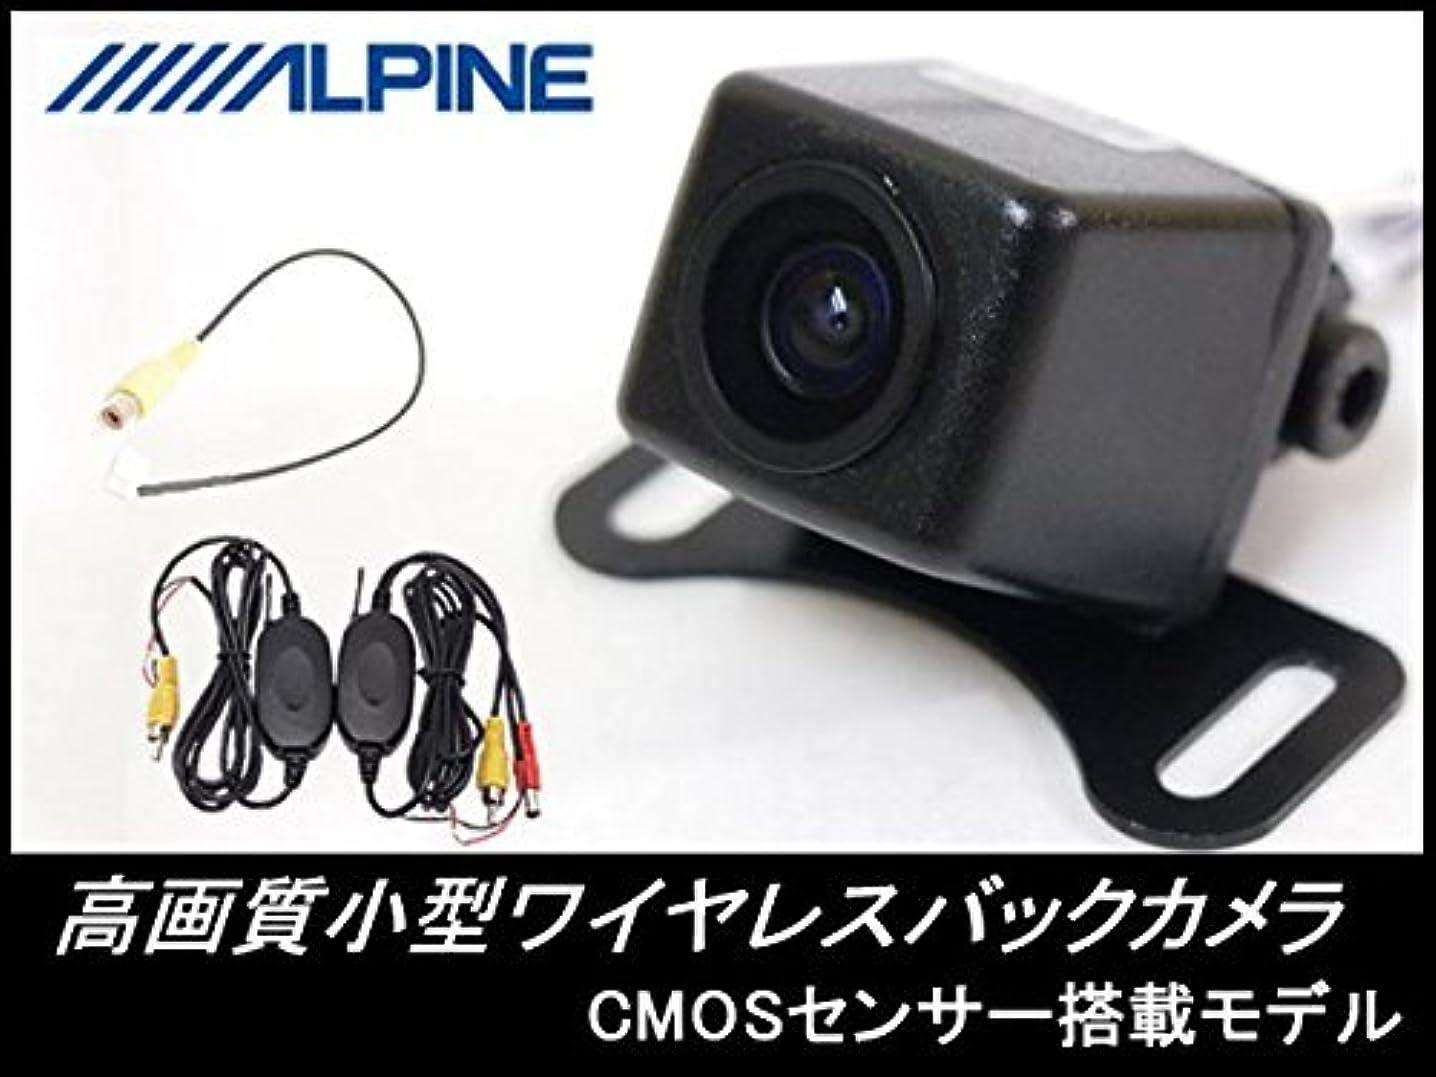 心のこもったメインアクセルステップワゴン 専用設計ナビ 7D-ST 対応 高画質 バックカメラ 車載用バックカメラ 広角170° 超高精細 CMOS センサー/ガイドライン無し 【ワイヤレスキット付】